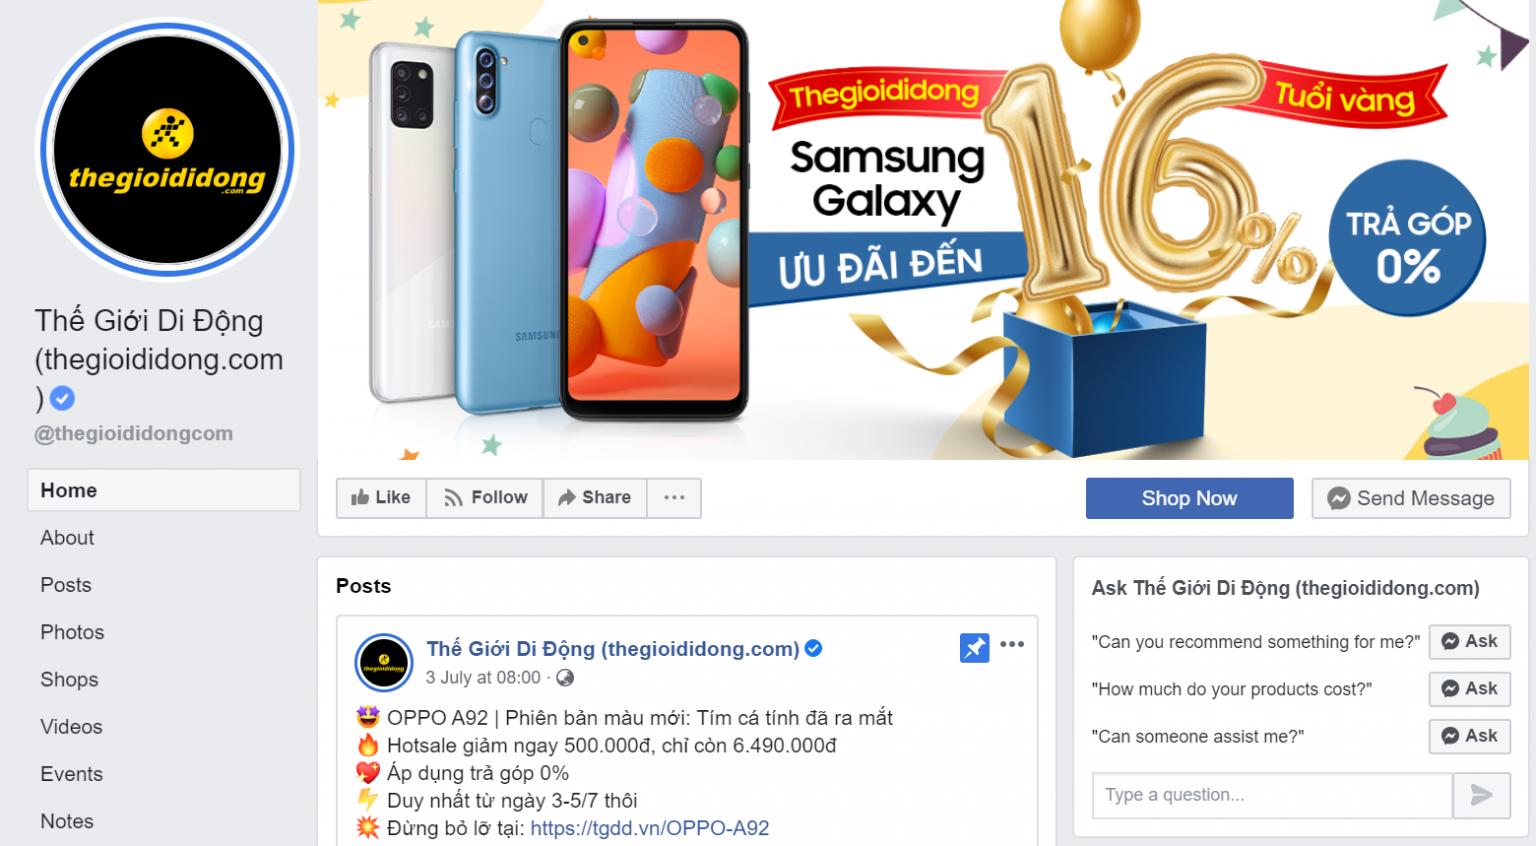 quảng cáo trên mạng xã hội hình ảnh 2